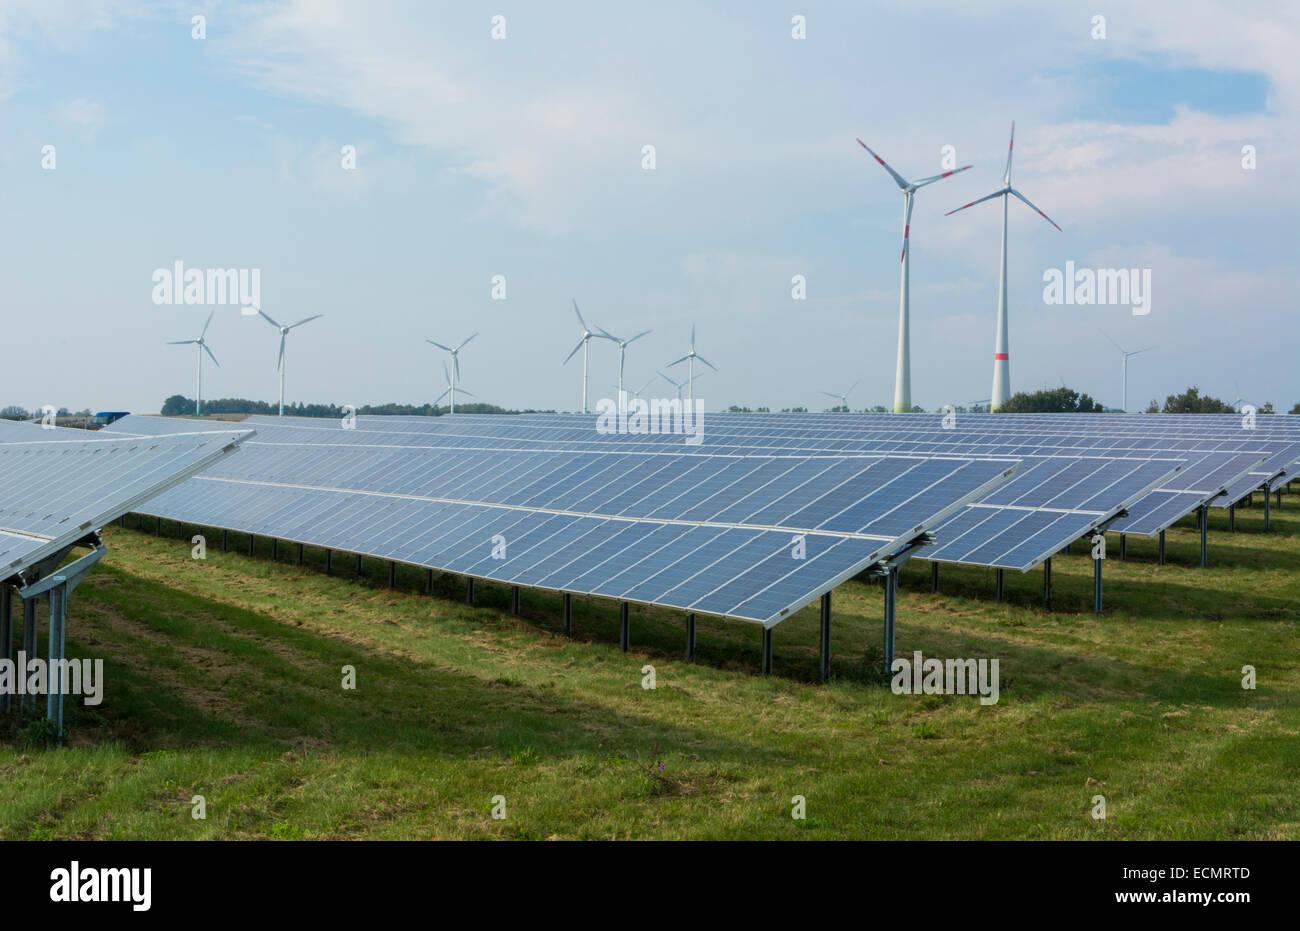 Allemagne Les Éoliennes et panneaux solaires pour l'écologie dans le champ vert près de Hambourg Photo Stock